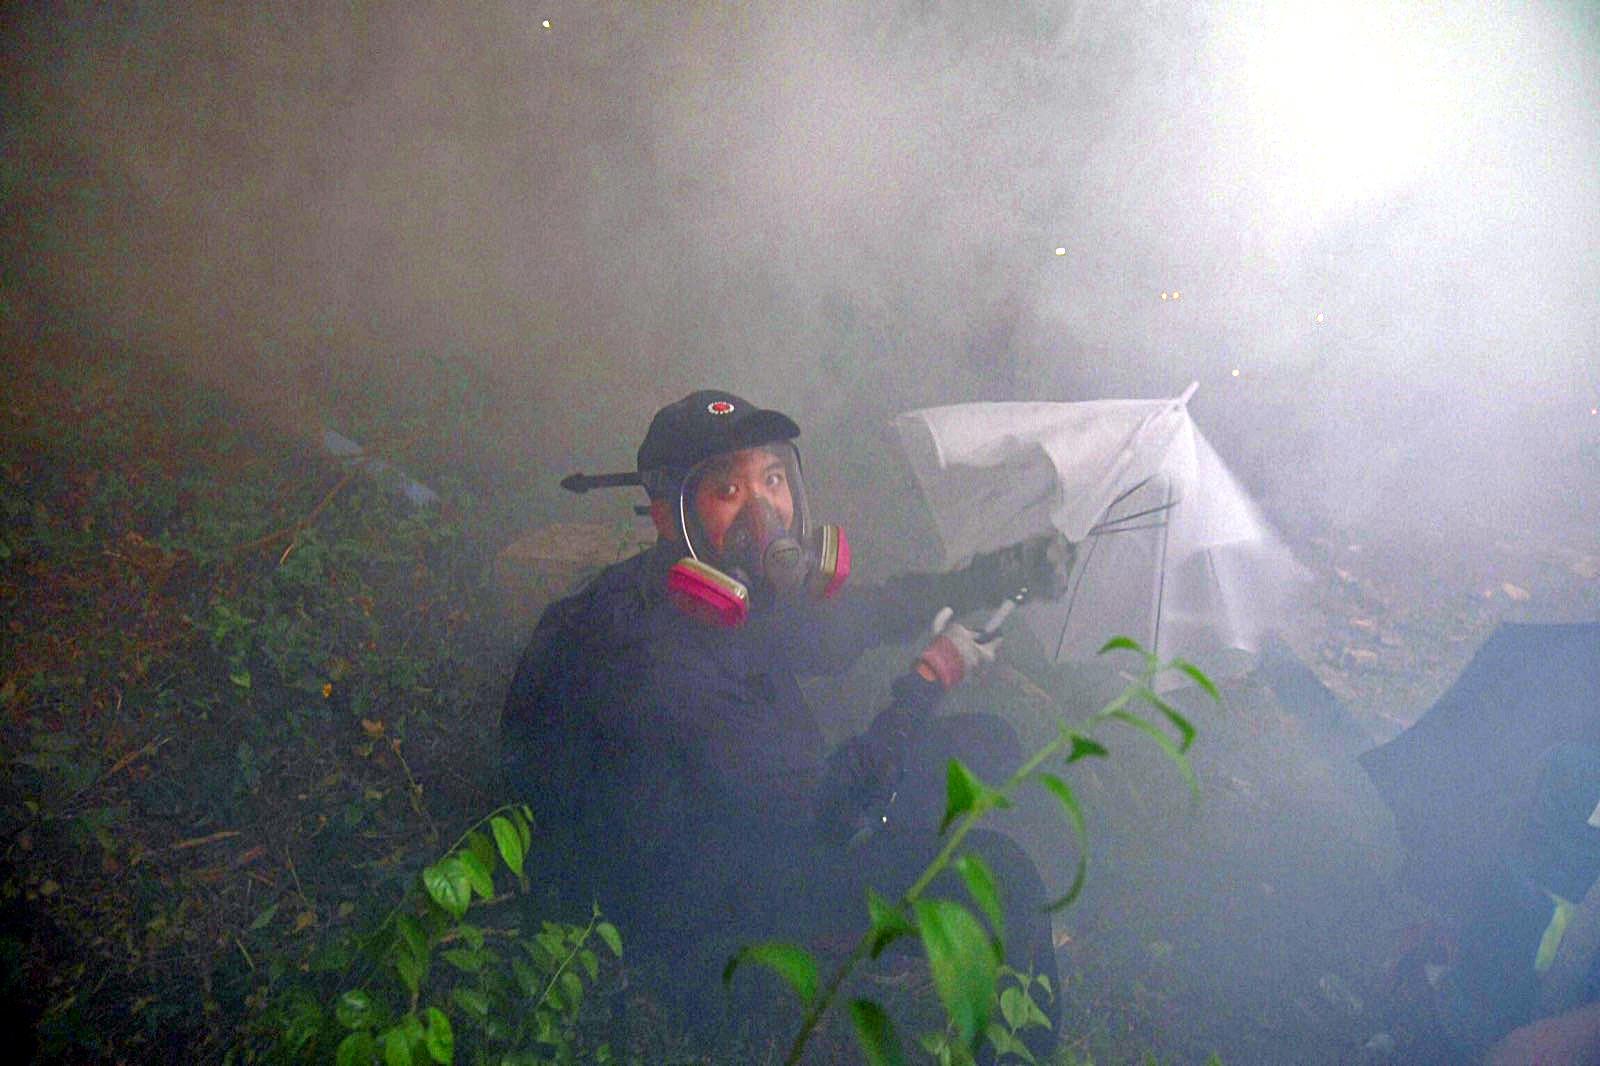 警方晚上再發射催淚彈驅散。